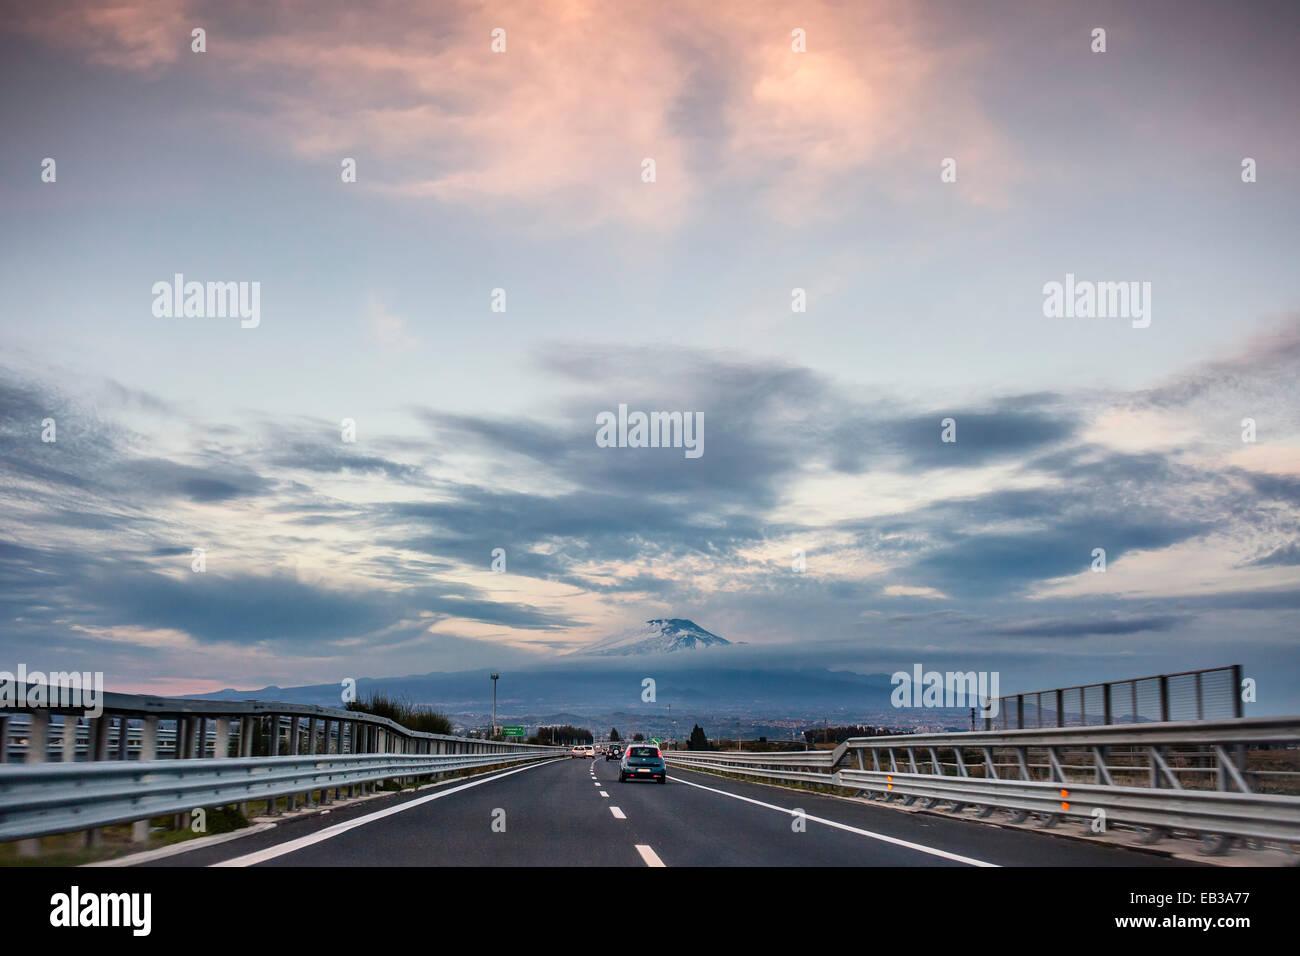 L'Italie, la Sicile, Catane, vue le long de la route avec l'Etna à l'horizon Photo Stock